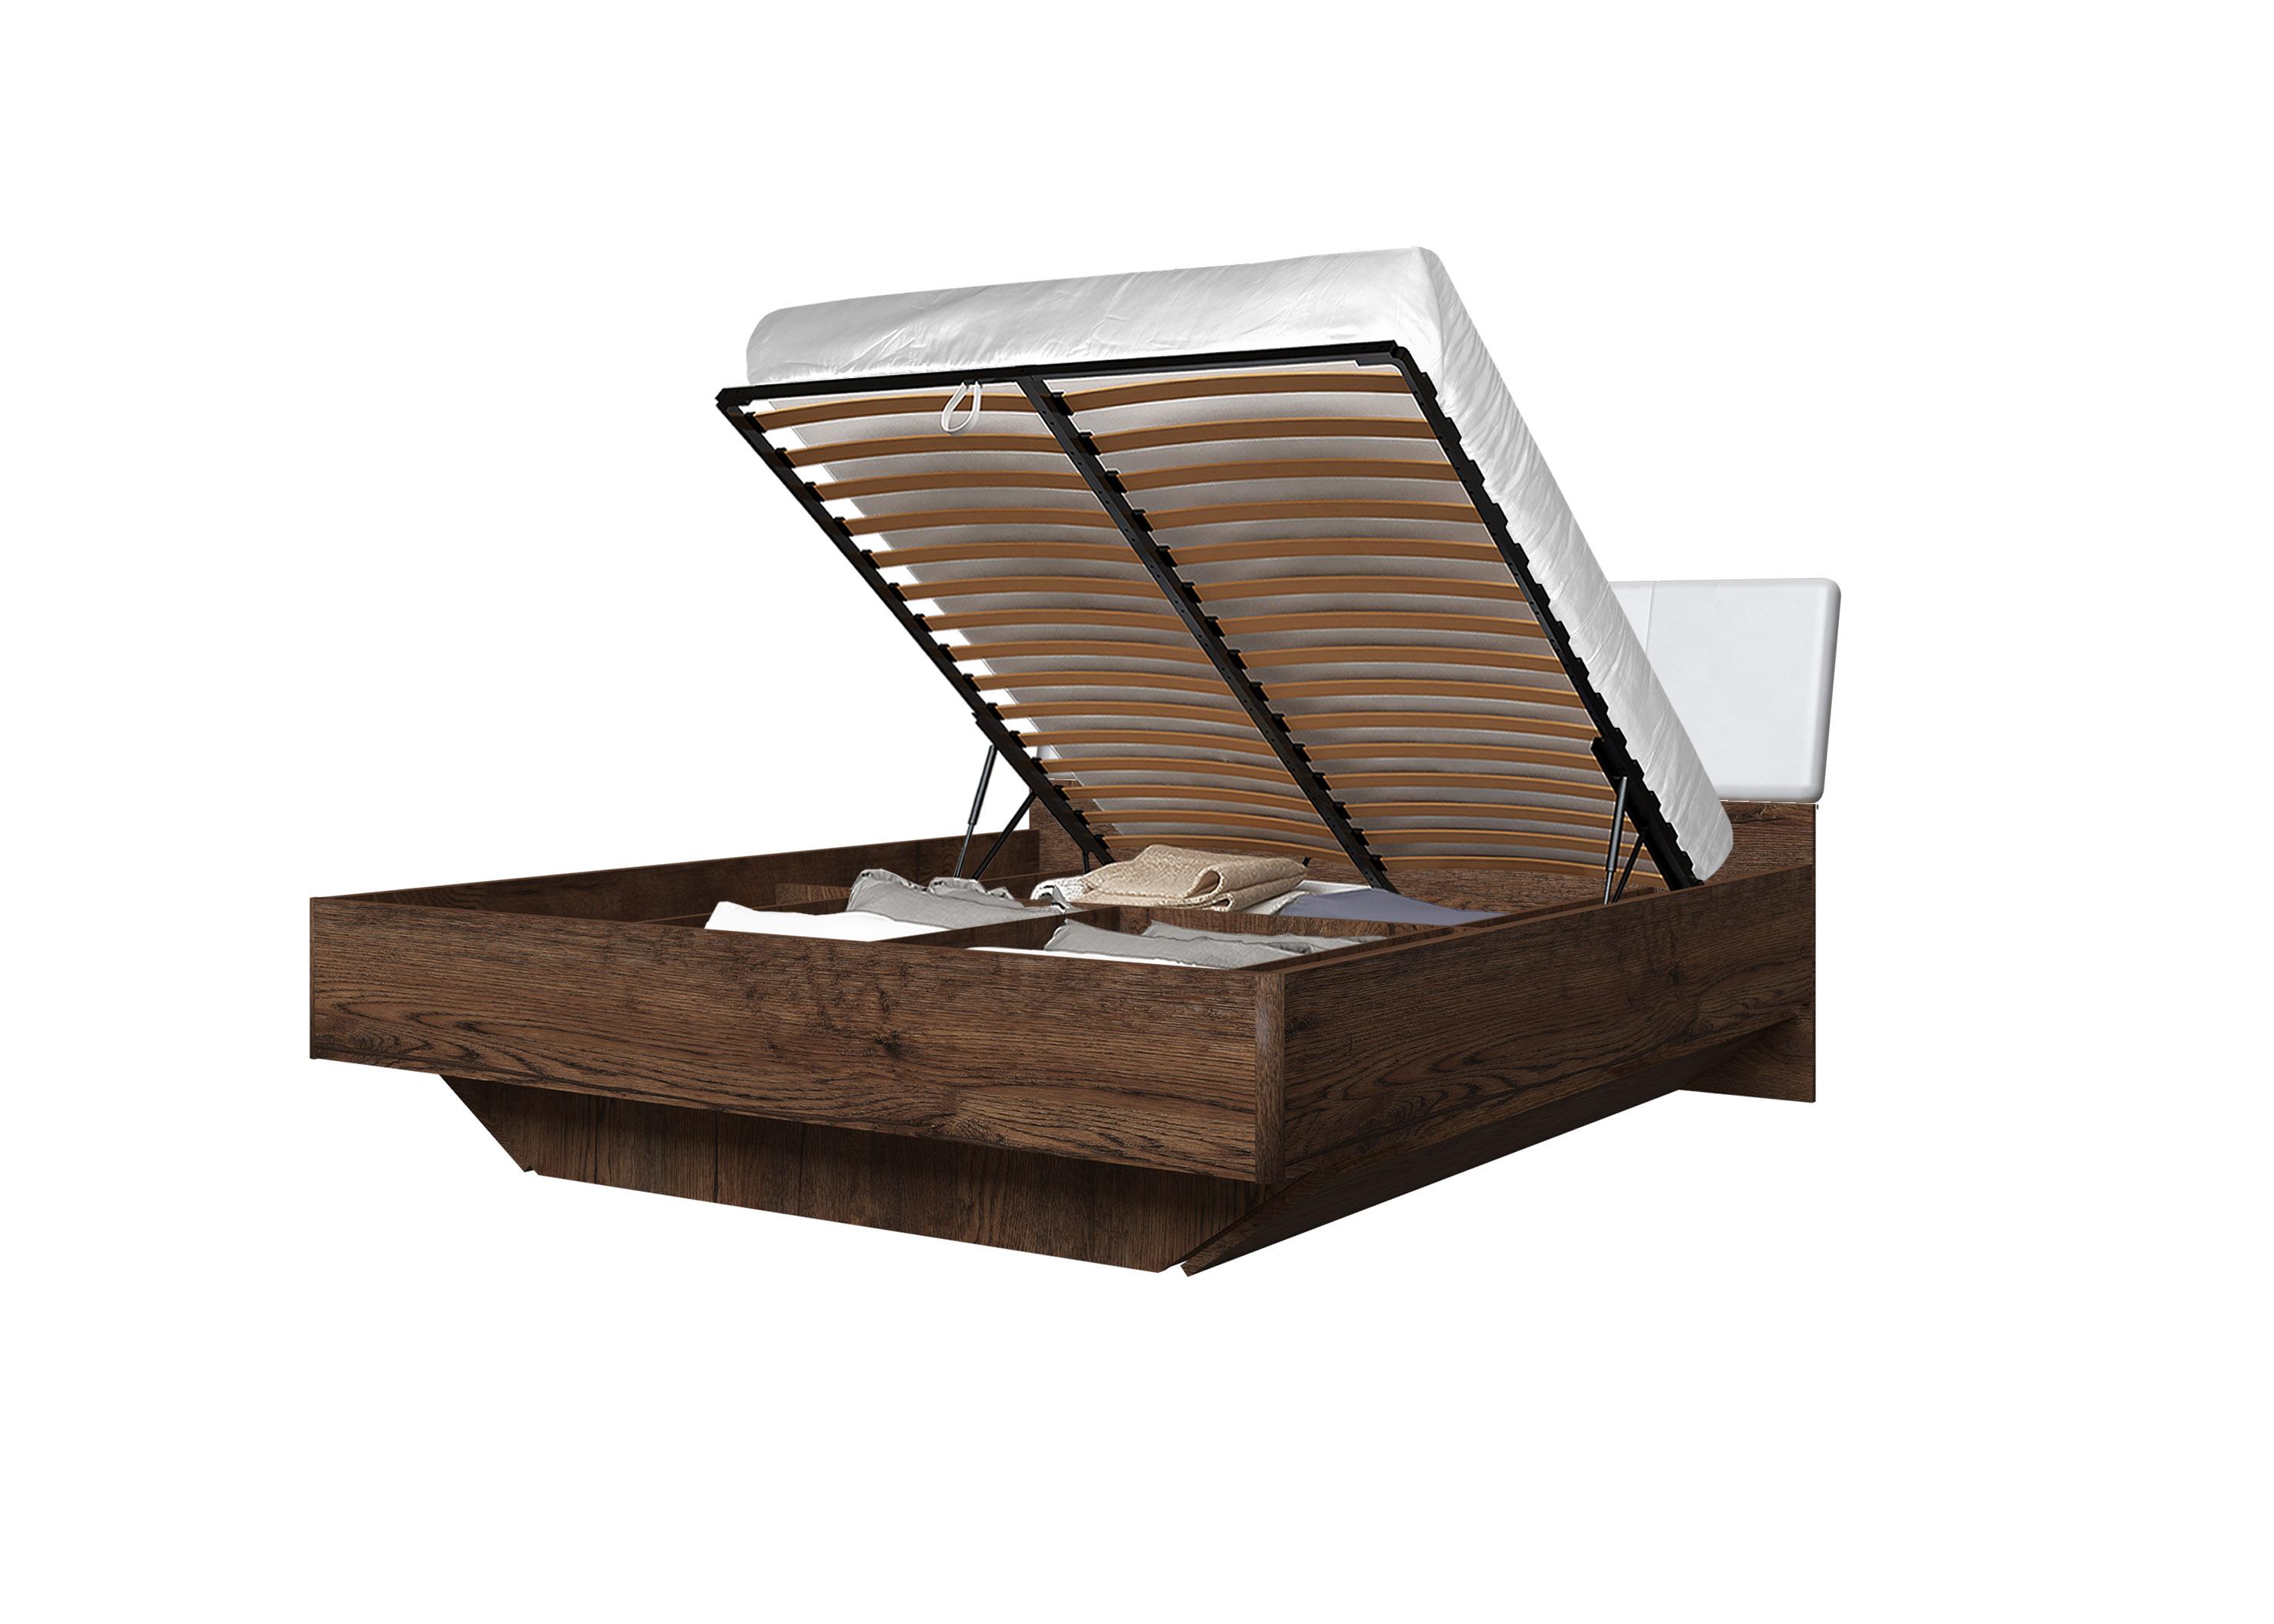 Doppelbett Toskana 180x200 in Dunkle Eiche/Weiss inkl. Bettkasten